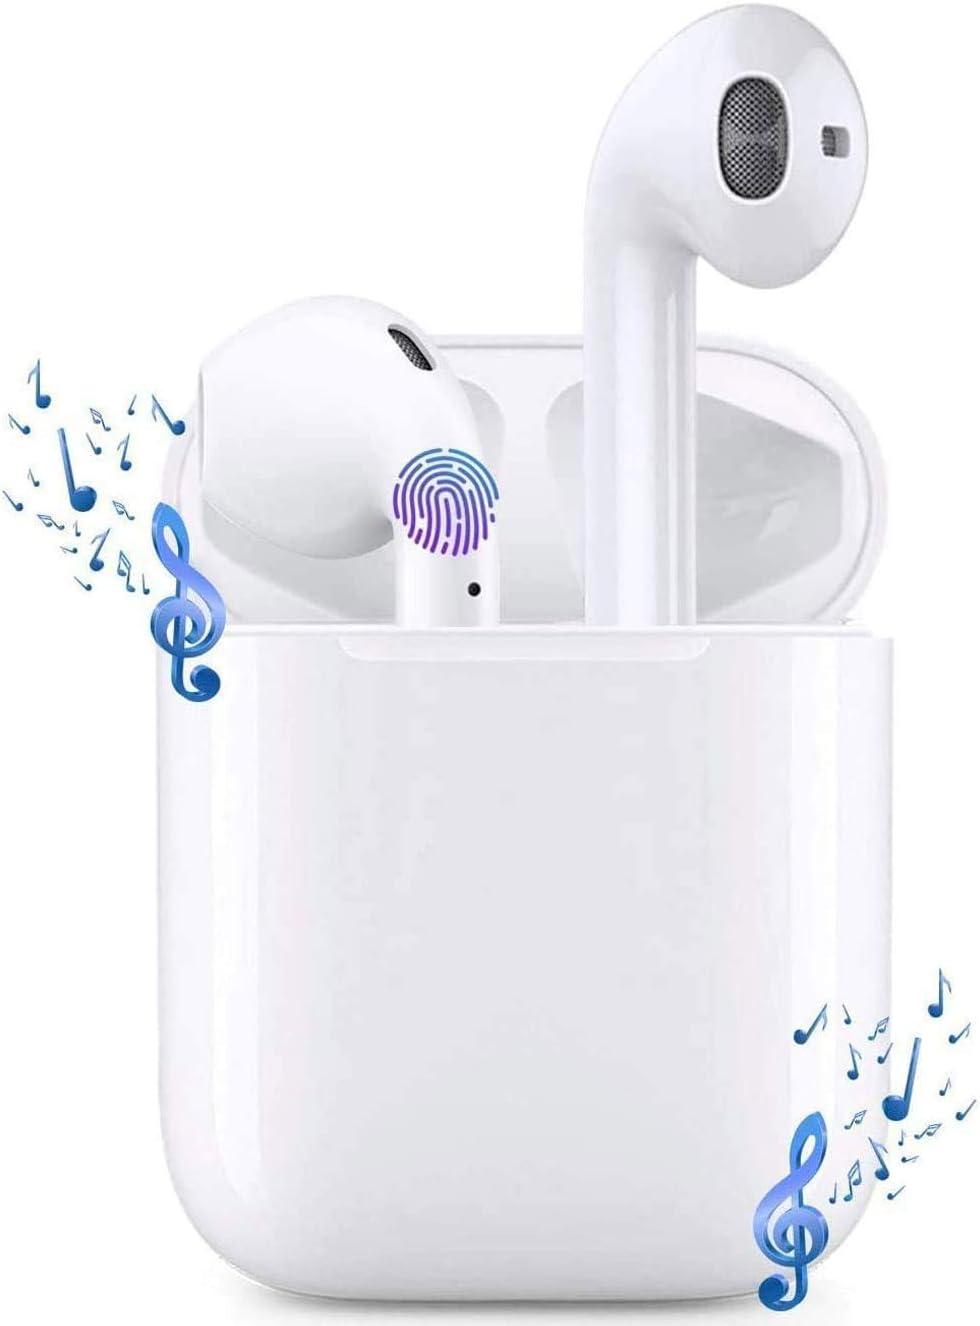 i12 Auriculares inalámbricos Bluetooth 5.0, Control táctil, micrófono Incorporado y Caja de Carga, reducción de Ruido estéreo 3D HD, adecuados para Auriculares Android/iPhone/Samsung/AirPods Pro